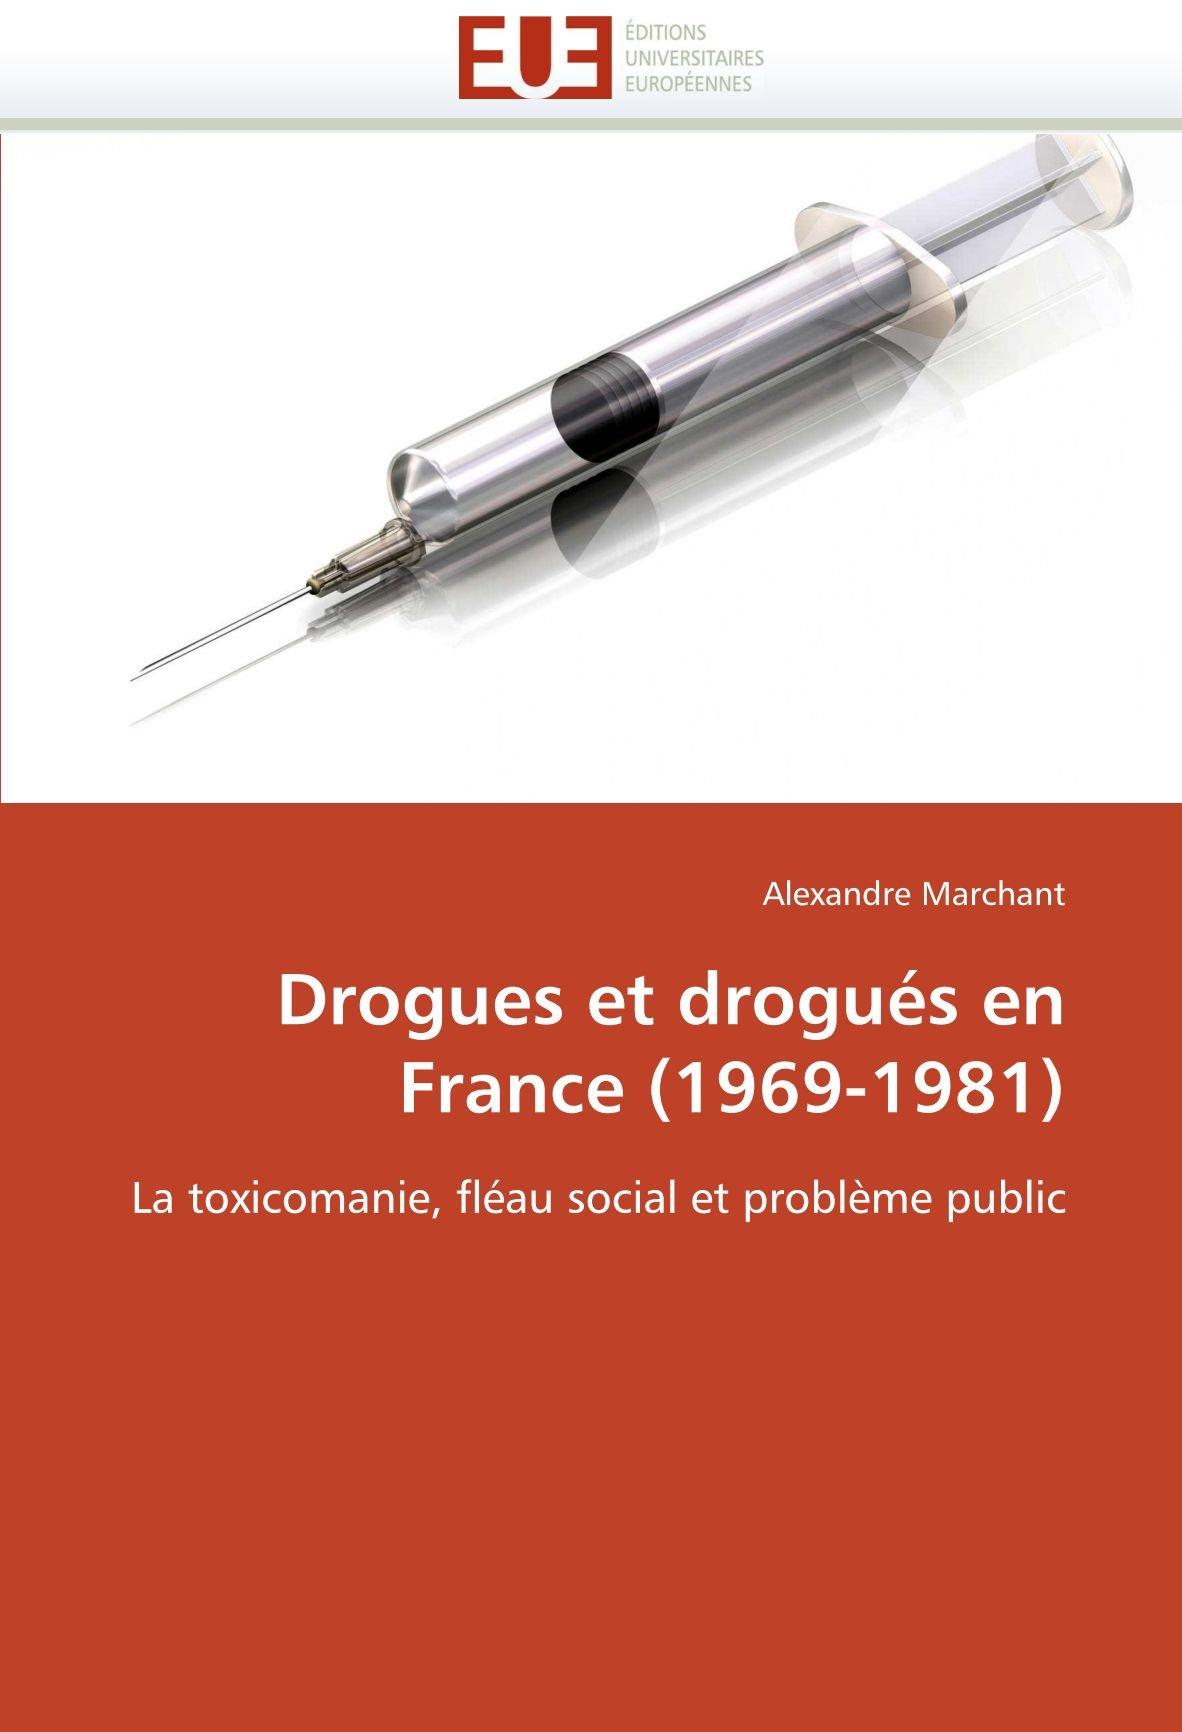 Read Online Drogues et drogués en France (1969-1981): La toxicomanie, fléau social et problème public (Omn.Univ.Europ.) (French Edition) PDF